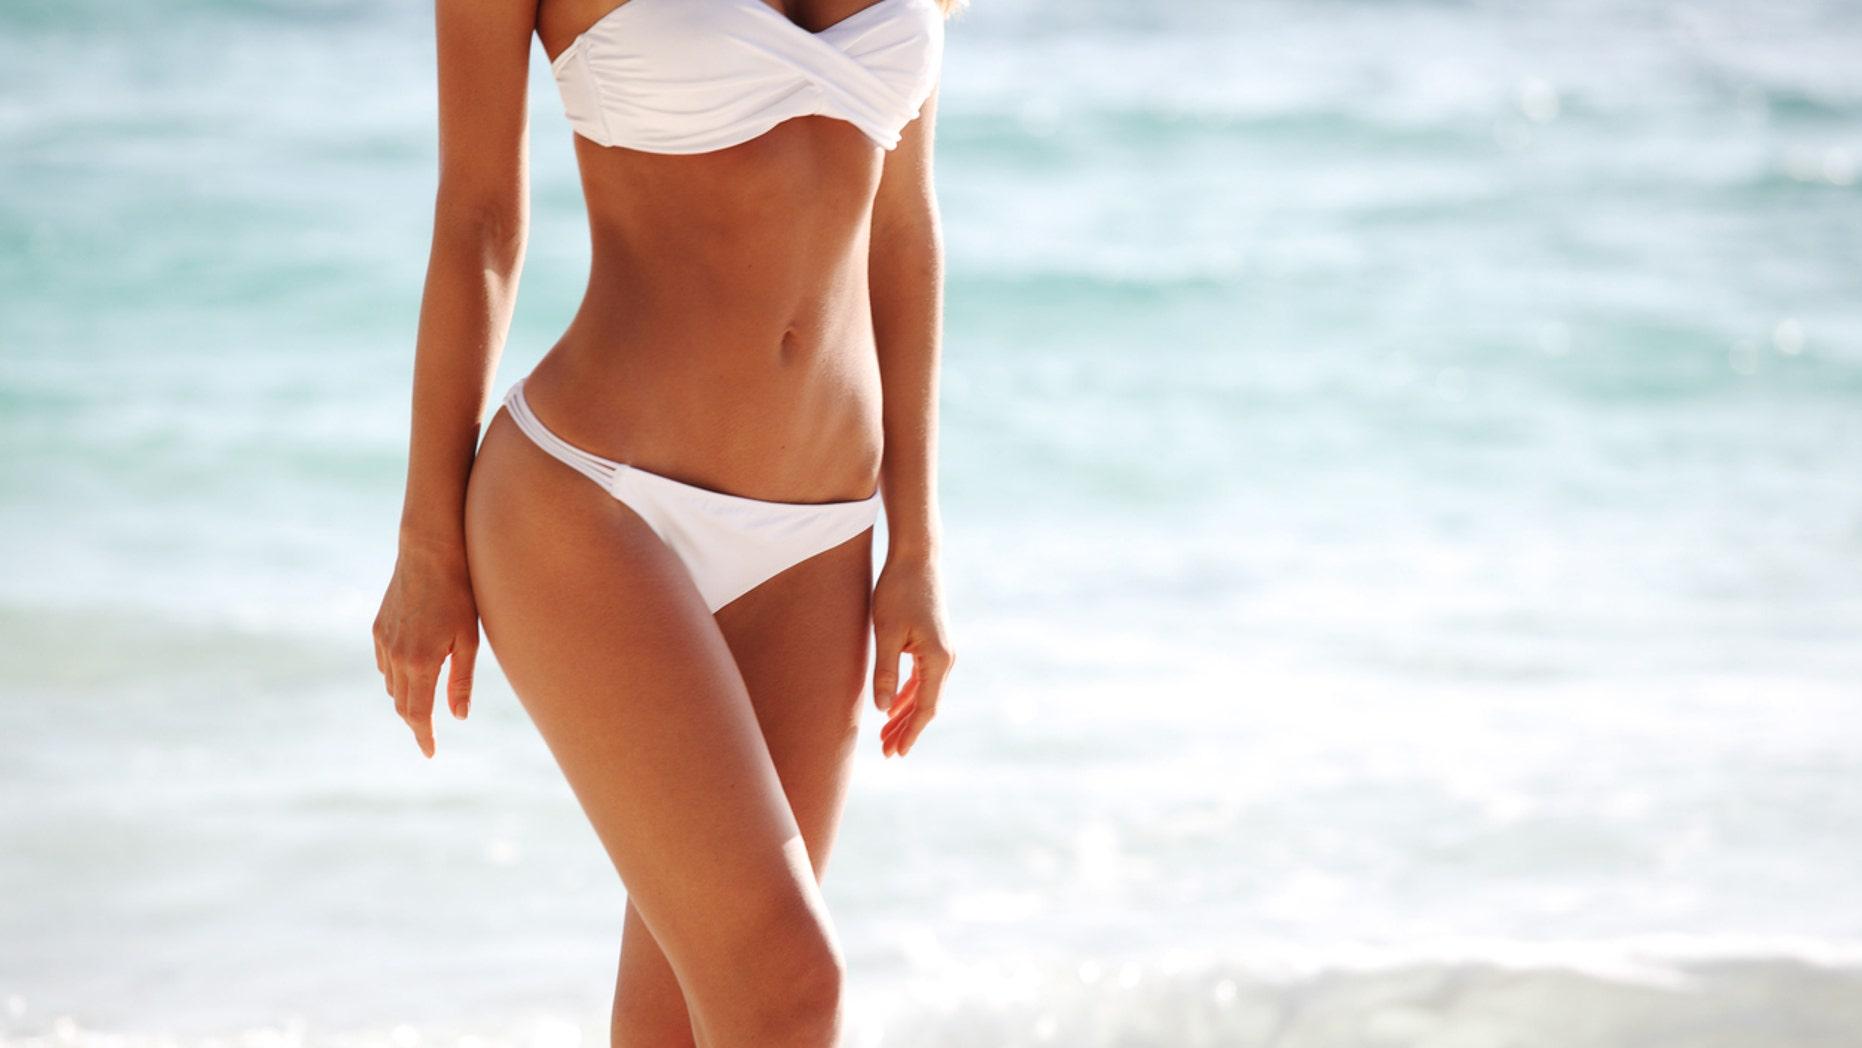 Sexy woman body in bikini on the beach background